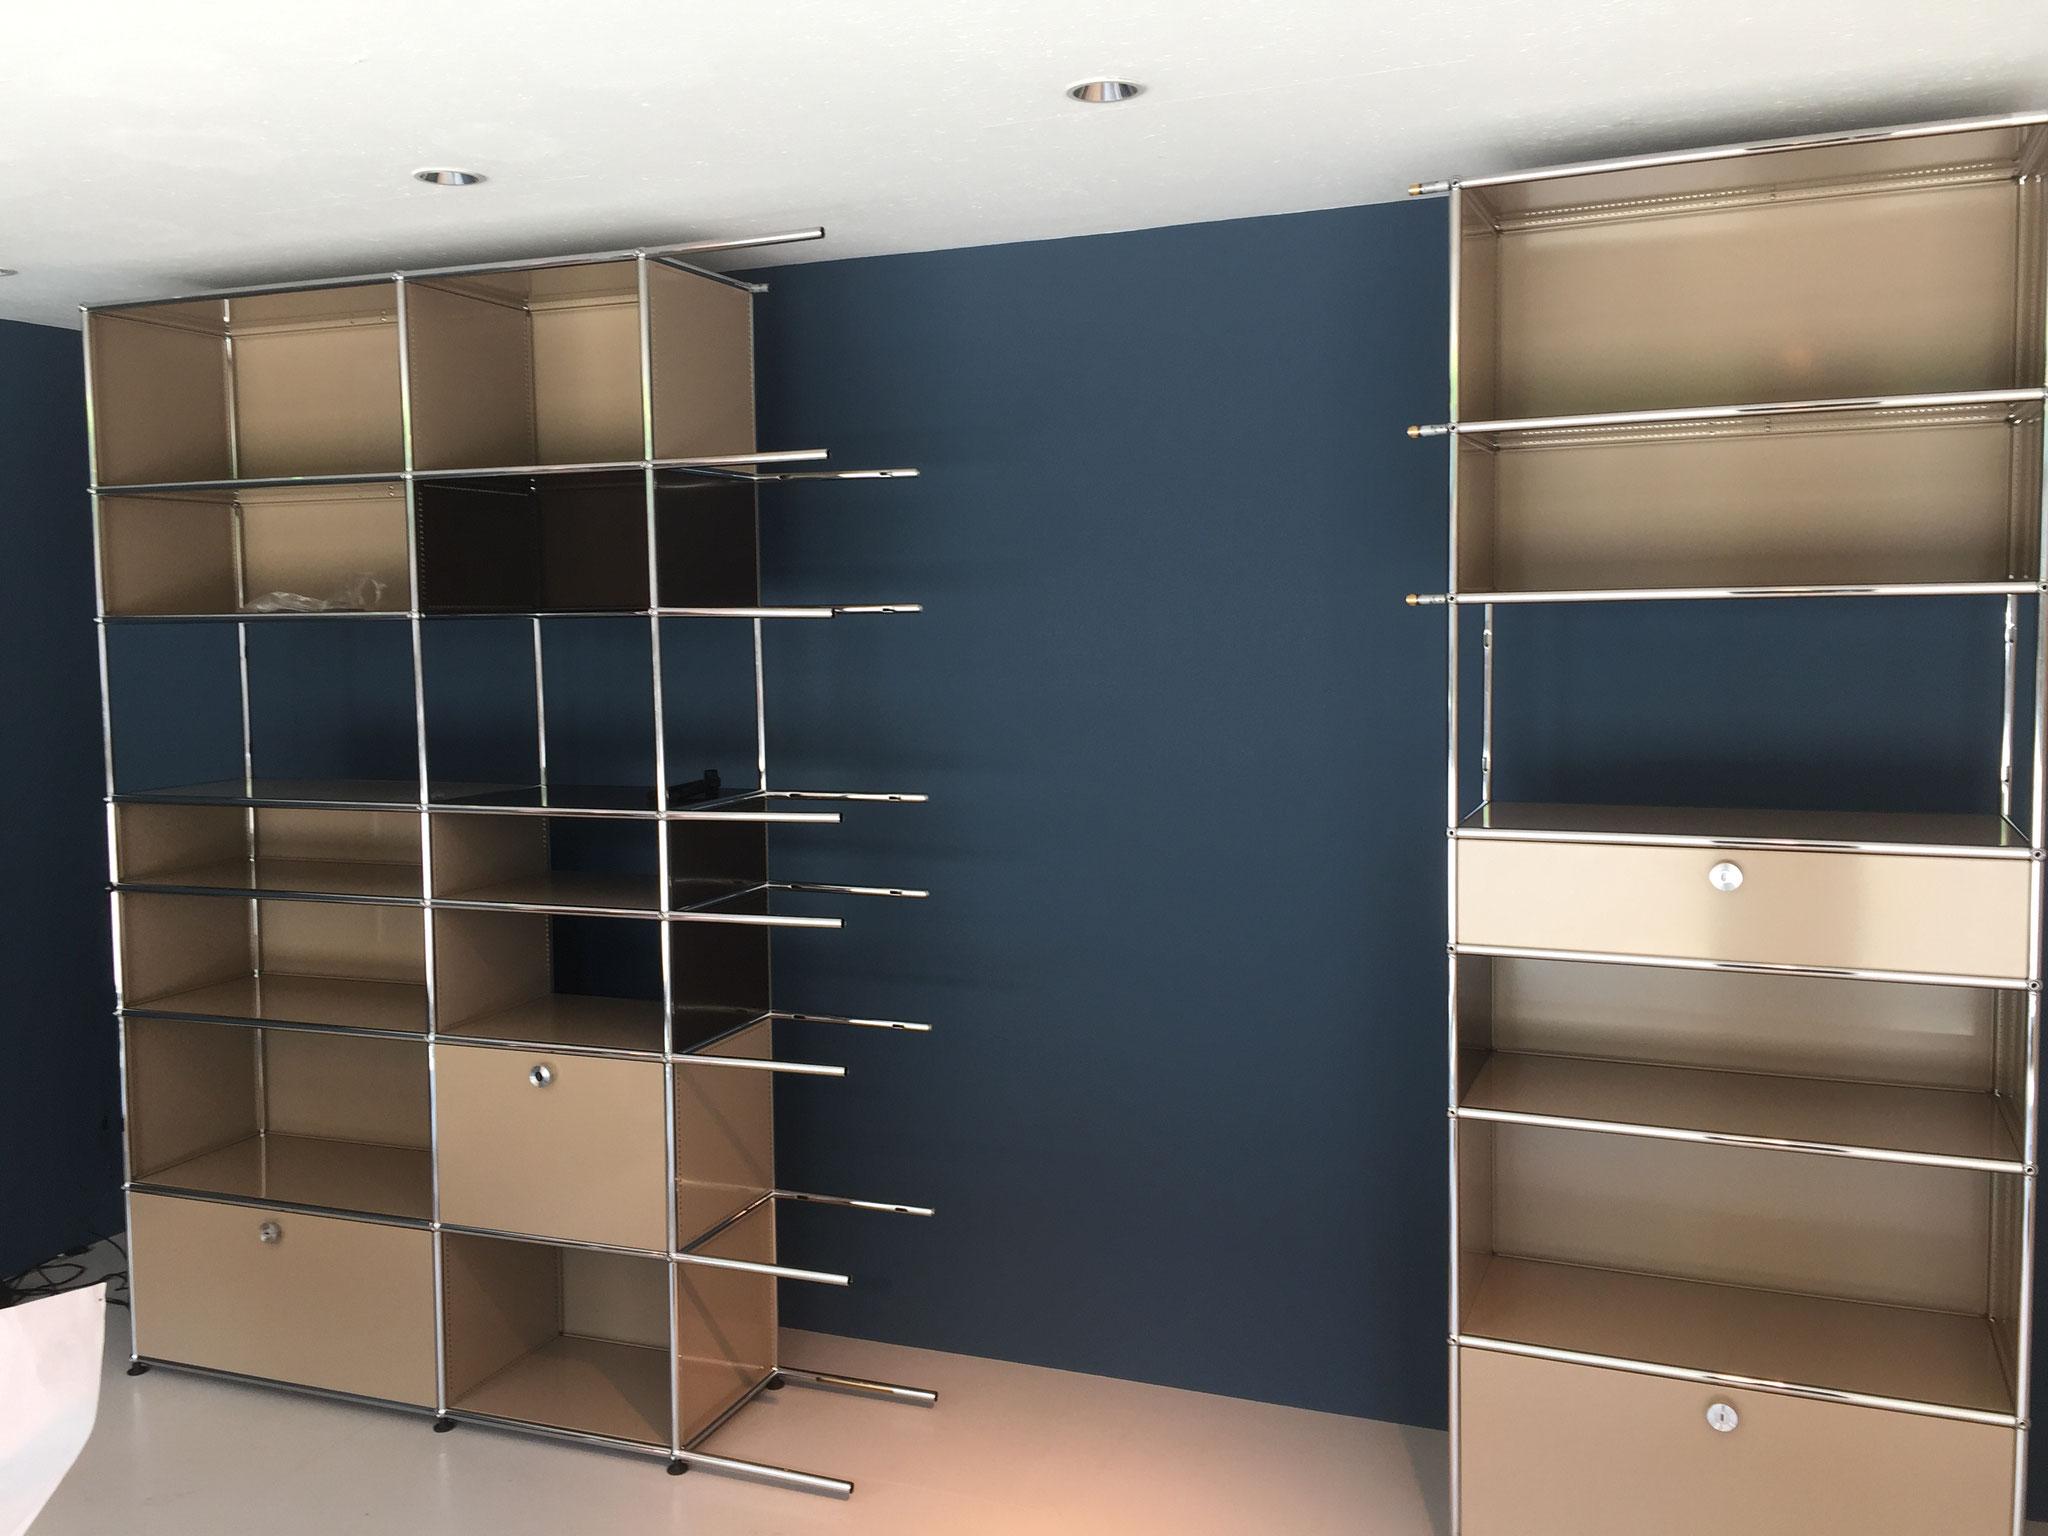 m bel montage z rich m belmonteur und m belmontage db moebelservice. Black Bedroom Furniture Sets. Home Design Ideas